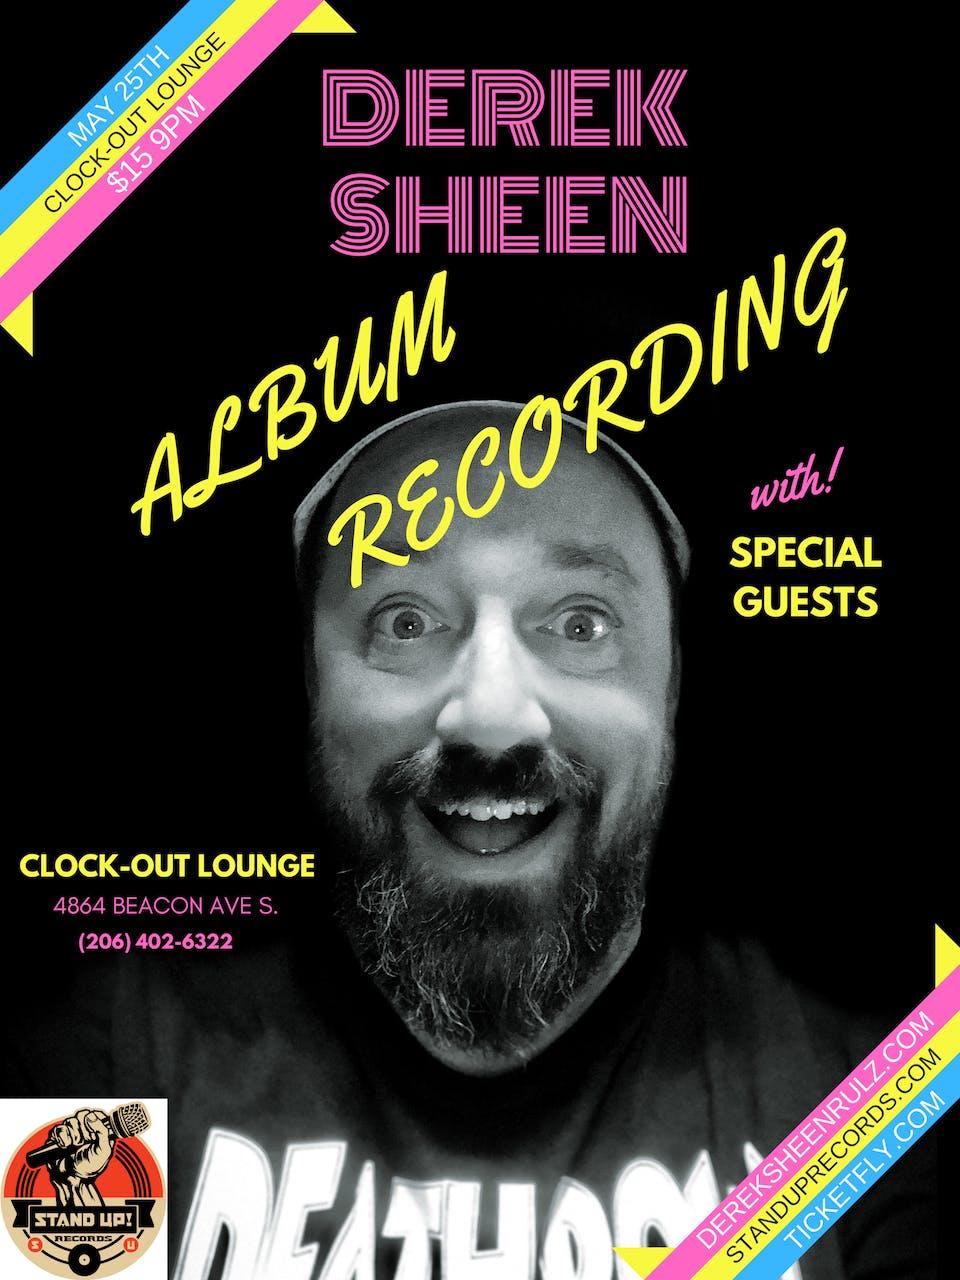 Derek Sheen Live Album Recording